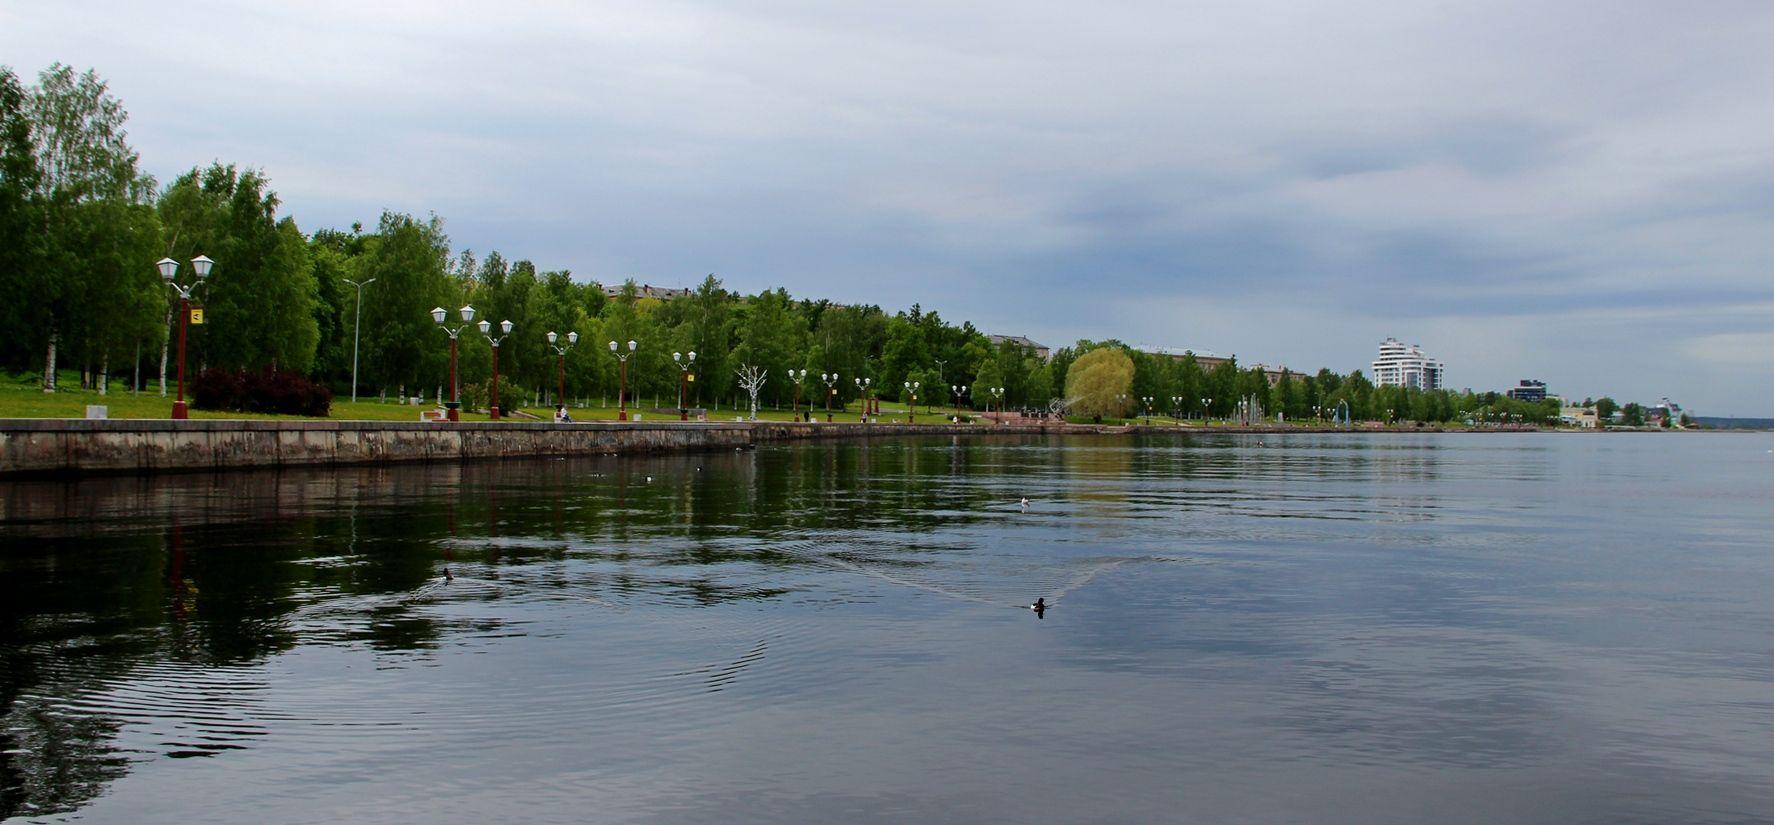 Набережная Петрозаводска петрозаводск набережная утро онега